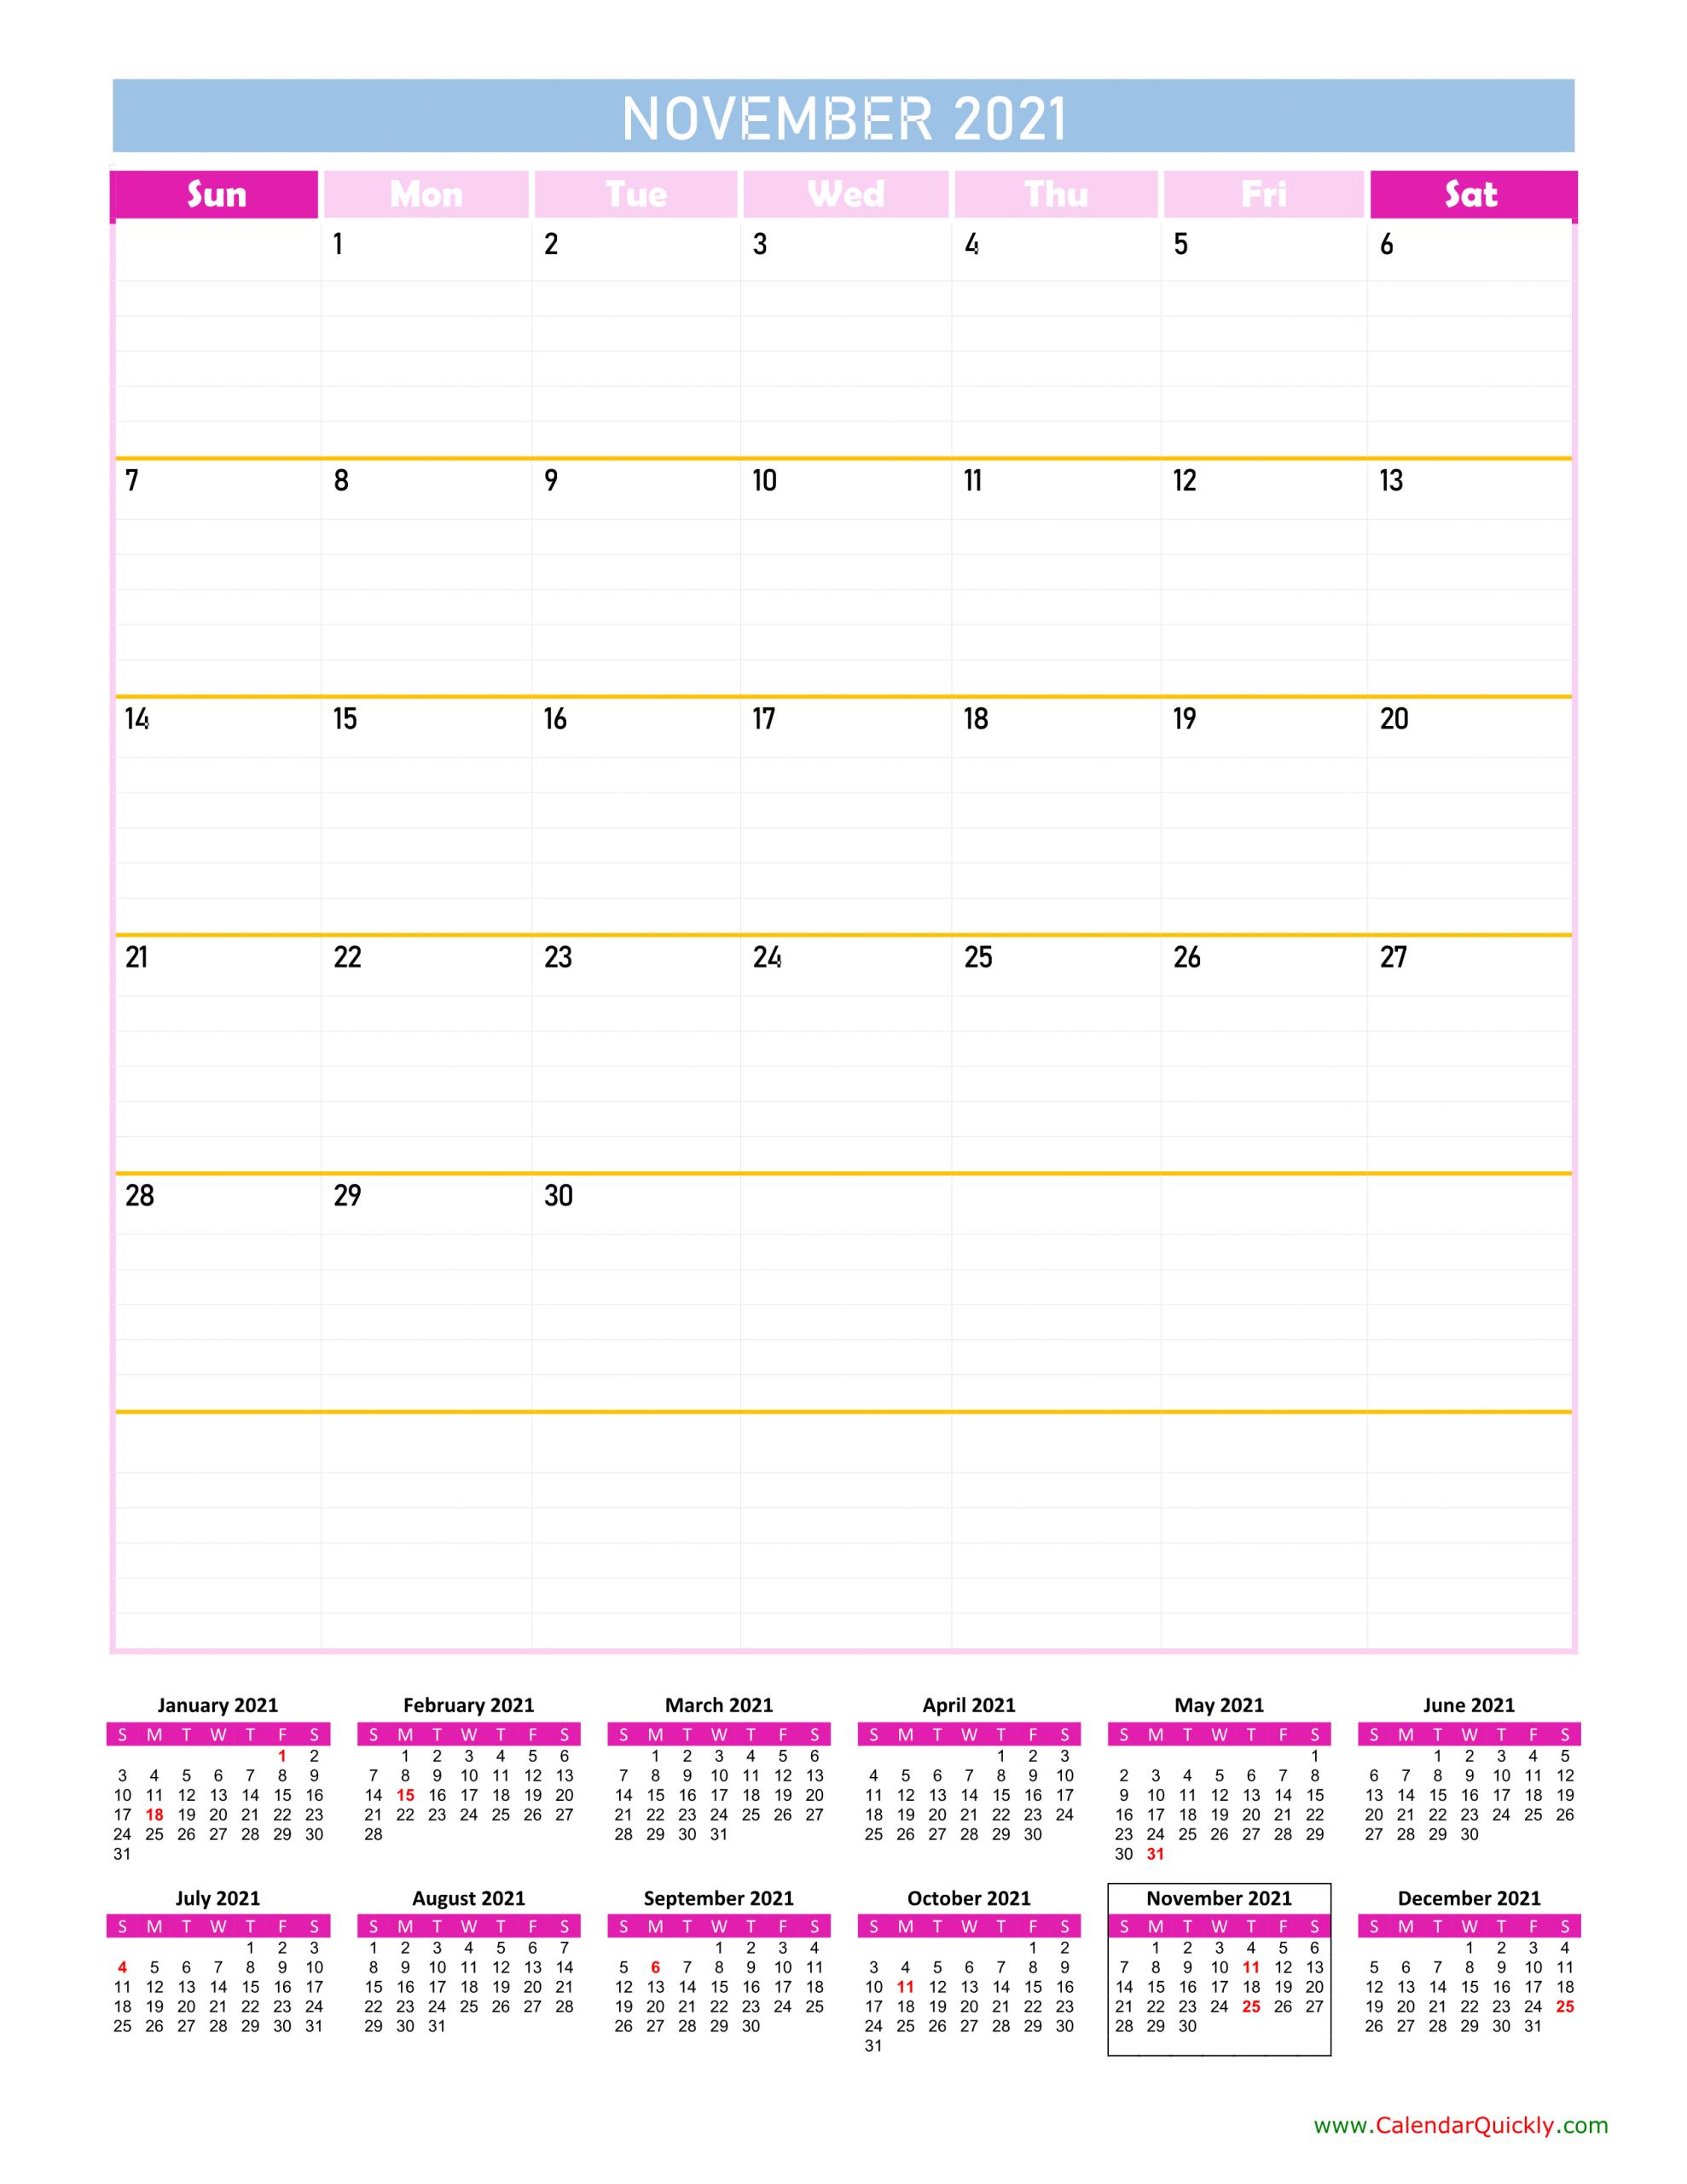 November Calendar 2021 Vertical | Calendar Quickly 2021 Ka Calendar November